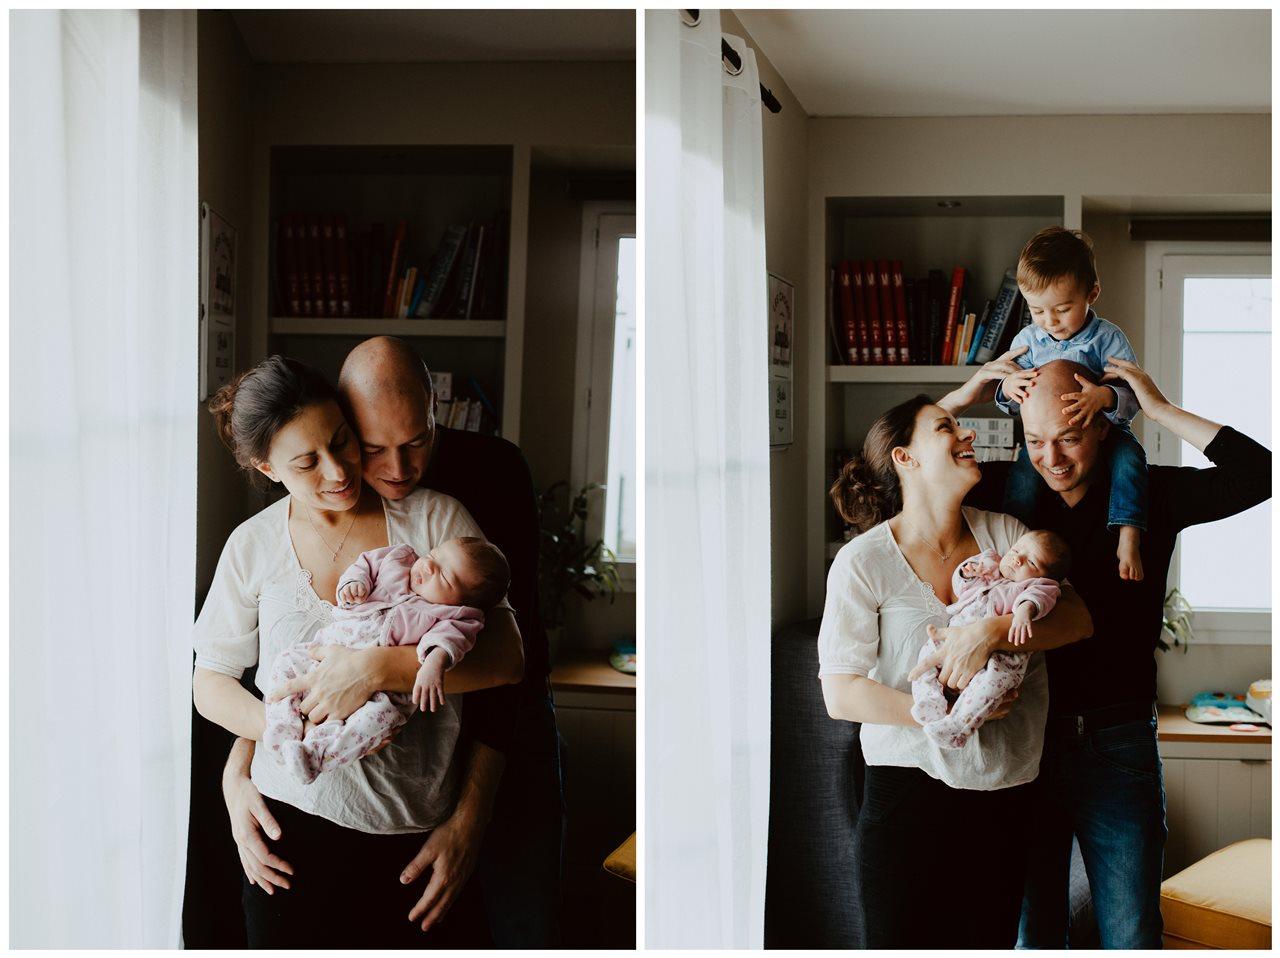 séance nouveau-né lifestyle portrait famille calîn parents bébé et rires parents fils